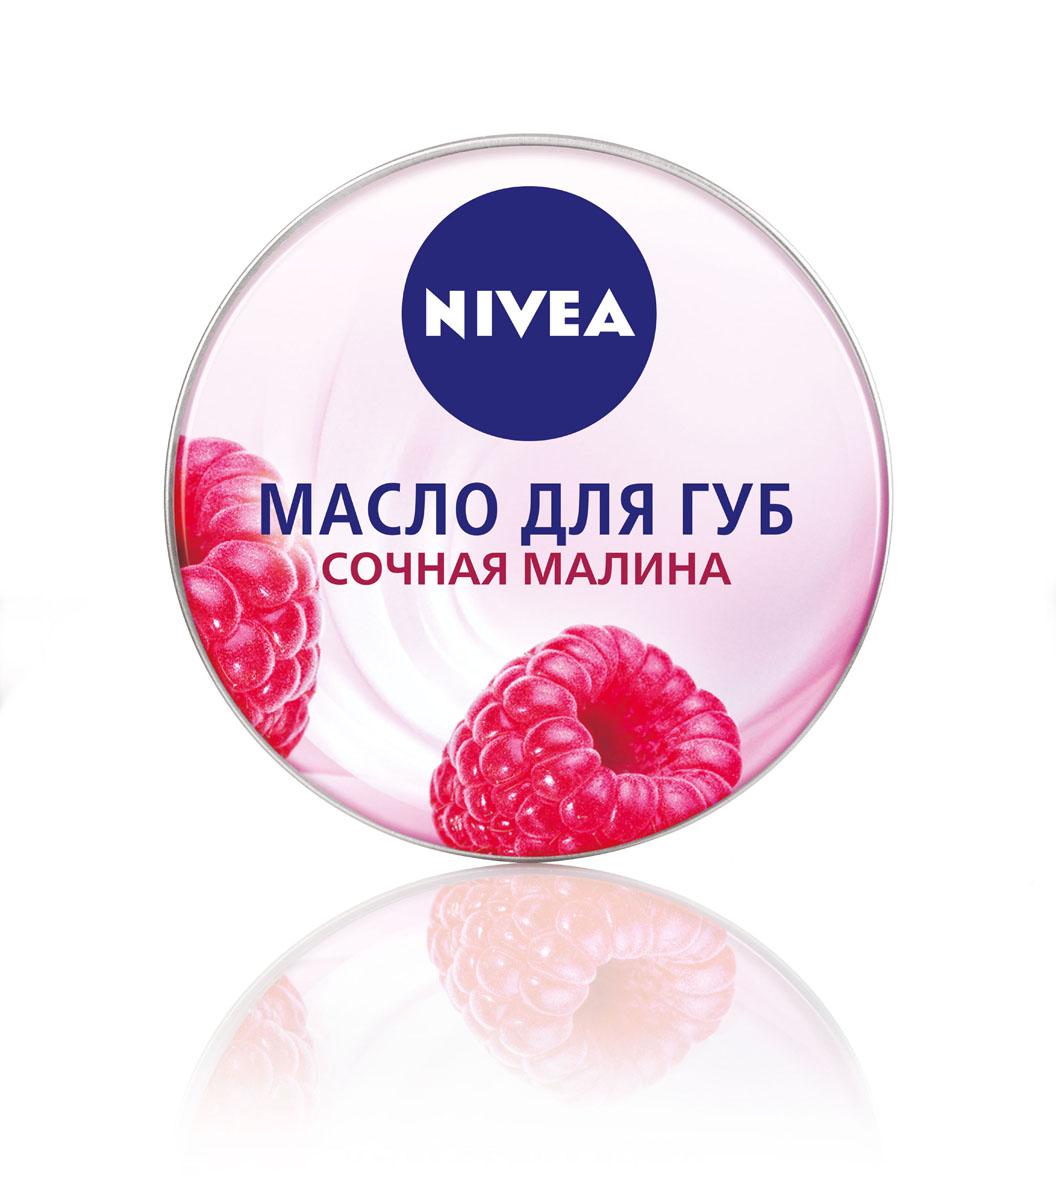 NIVEA Масло для губ Сочная малина10062080•Масло для губ от NIVEA — это новая гамма восхитительных вкусов и ароматов, которая превращает уход за губами в истинное удовольствие. Увлажняющая формула, обогощенная маслами карите и миндаля, интенсивно и надолго увлажняет кожу губ. Масло для губ с нежным ароматом малины делает кожу губ невероятно мягкой. Как это работает •обеспечивает интенсивный уход в течение длительного времени •подходит для сухих губ •придает необыкновенную мягкость •придает естественный блеск Одобрено дерматологами NIVEA — всё для самых нежных поцелуев!